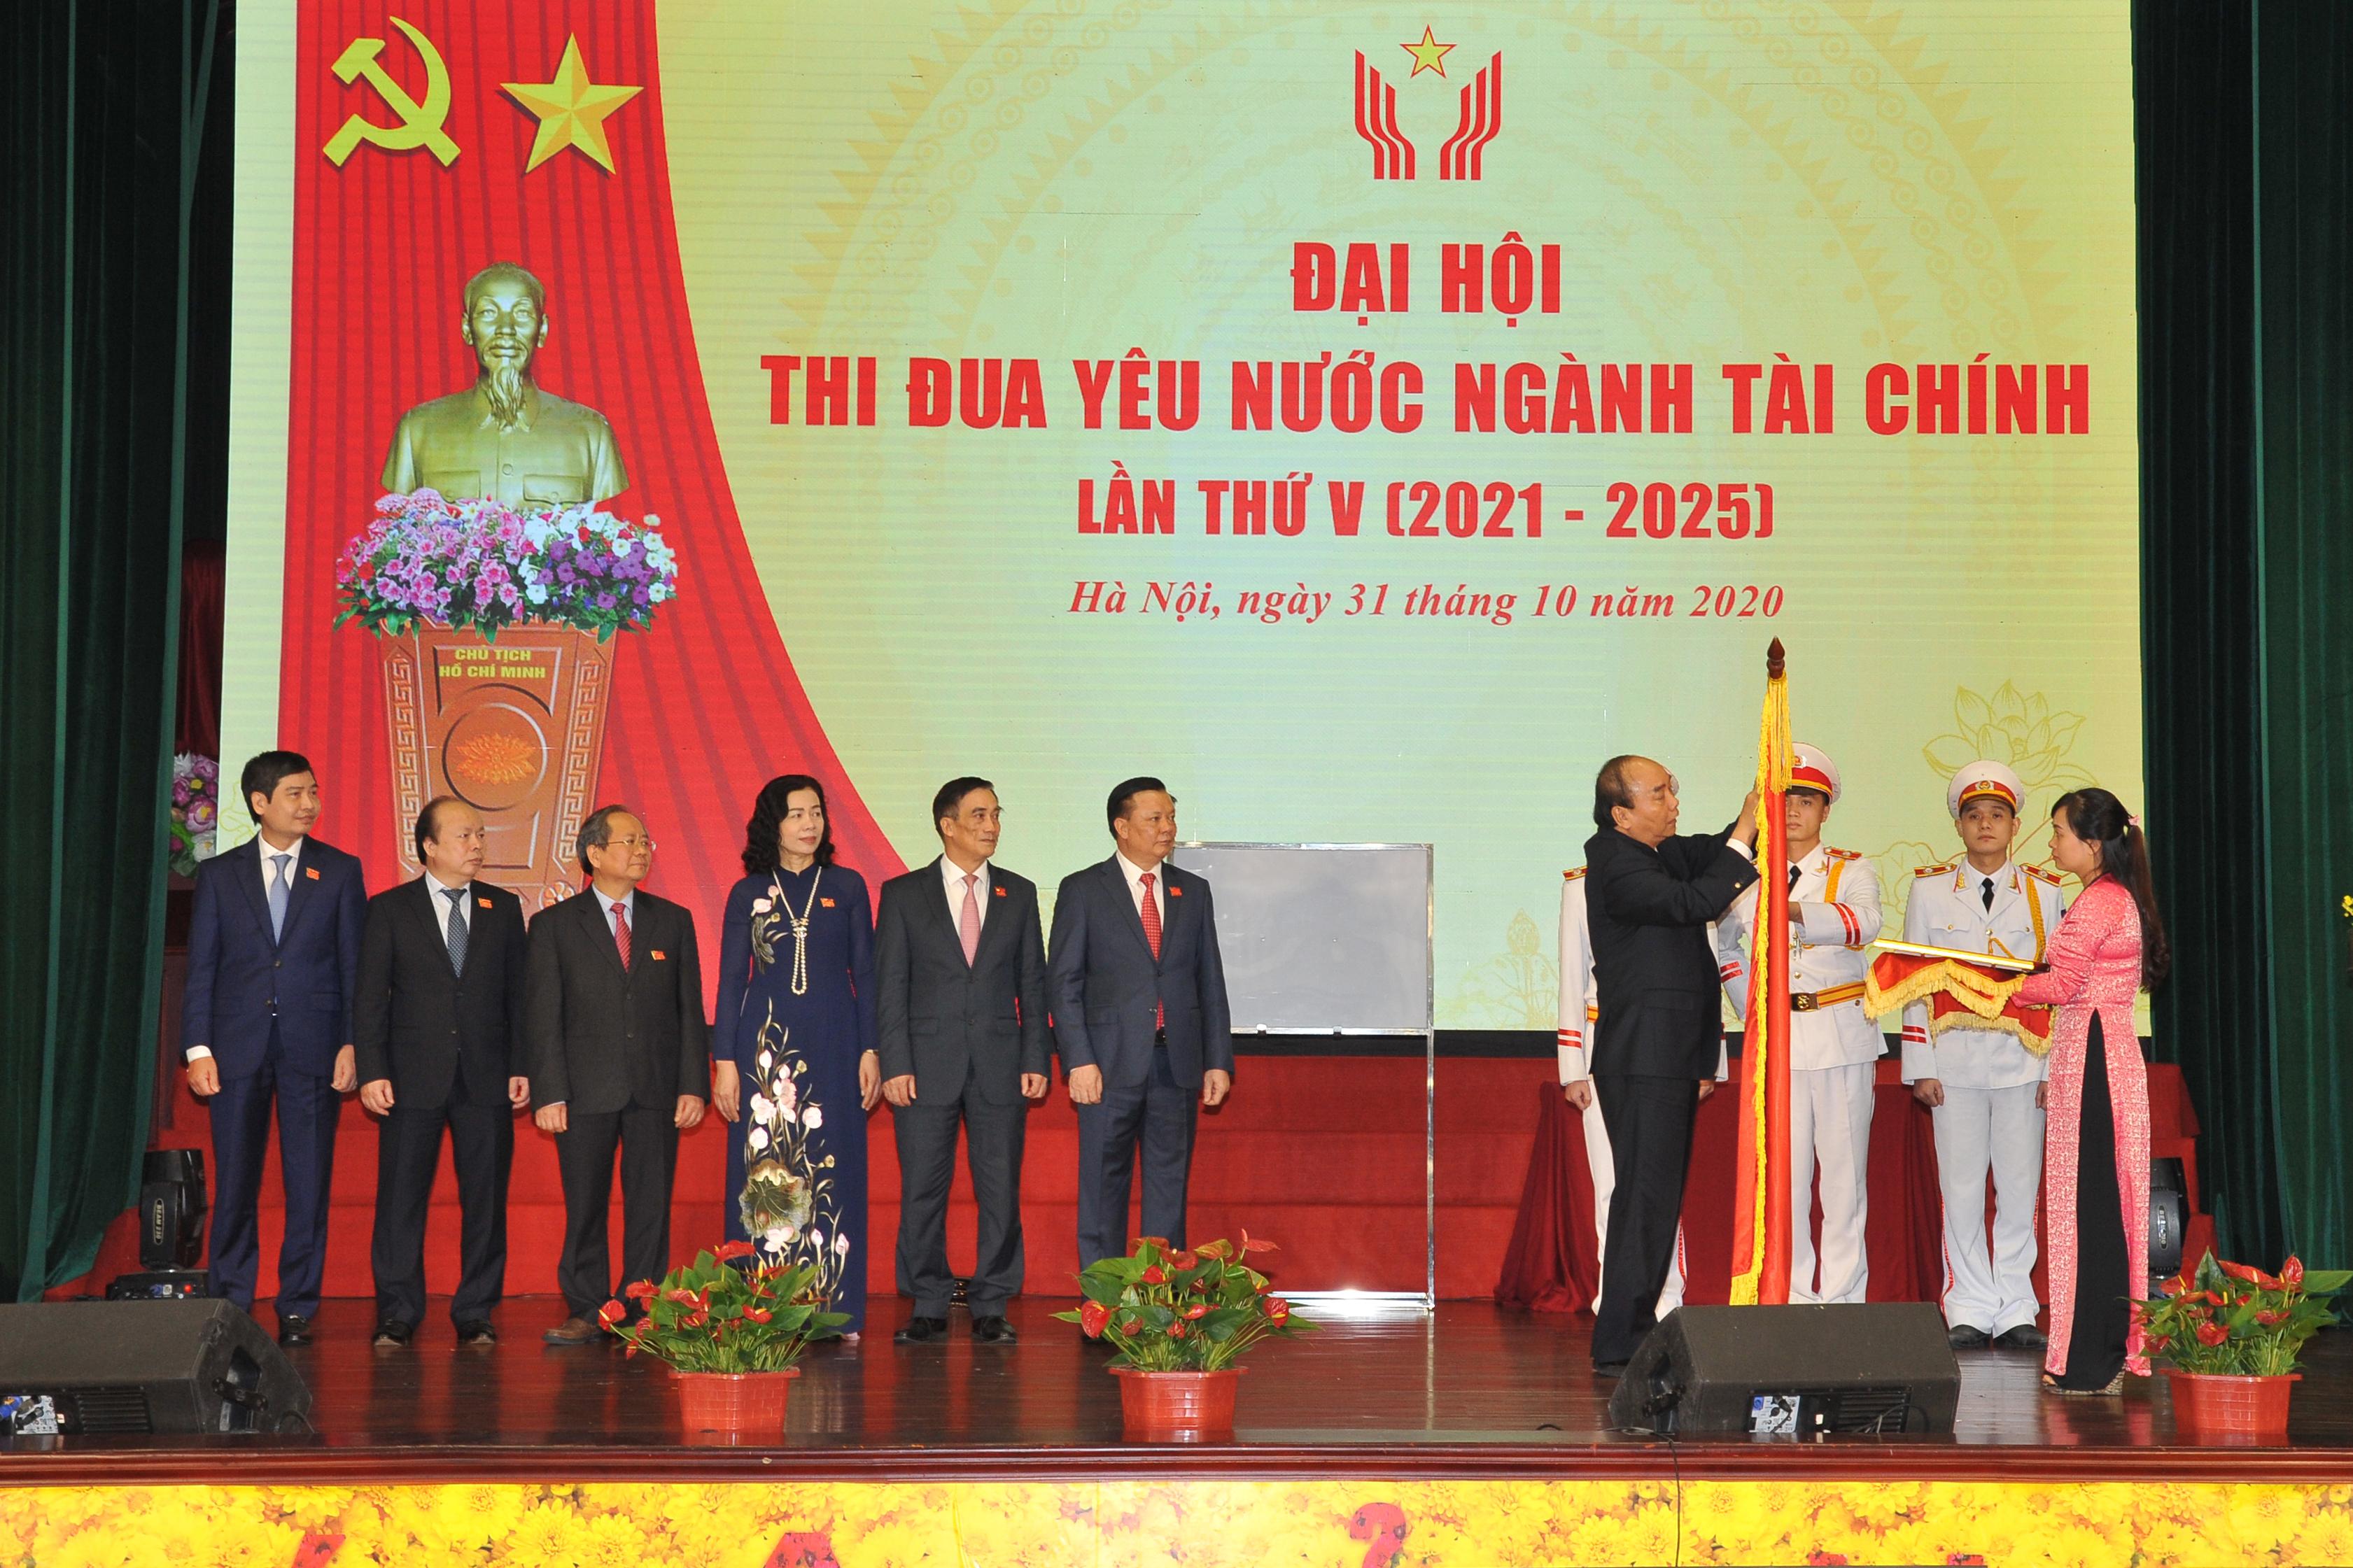 Thủ tướng Nguyễn Xuân Phúc, Chủ tịch Hội đồng Thi đua - Khen thưởng Trung ương thay mặt Đảng, Nhà nước gắn Huân chương Độc lập hạng Nhất lên lá cờ truyền thống của ngành Tài chính.